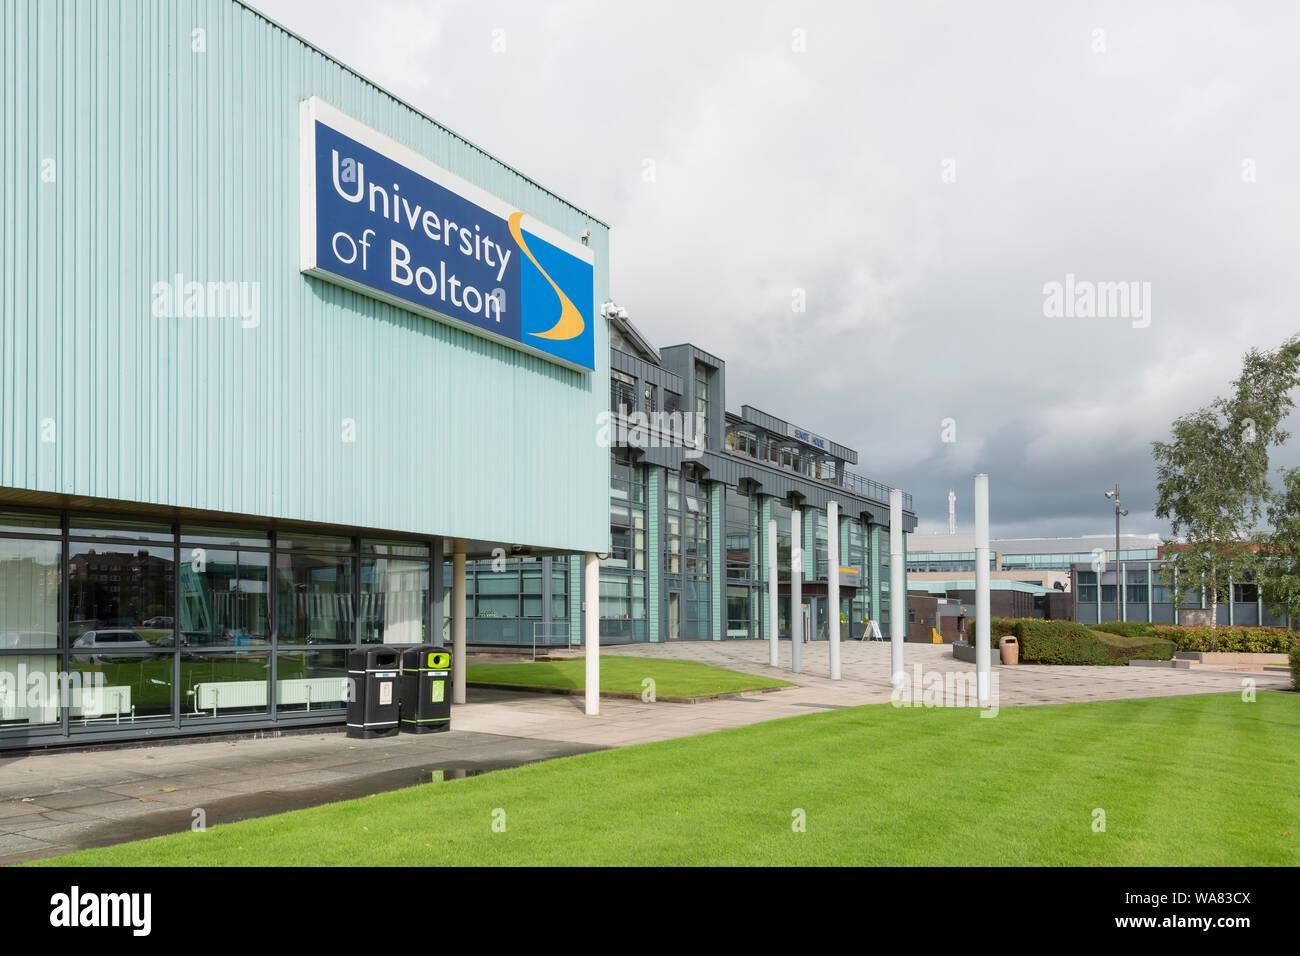 Beschilderungen für die Universität von Bolton (nur redaktionelle Nutzung). Stockfoto